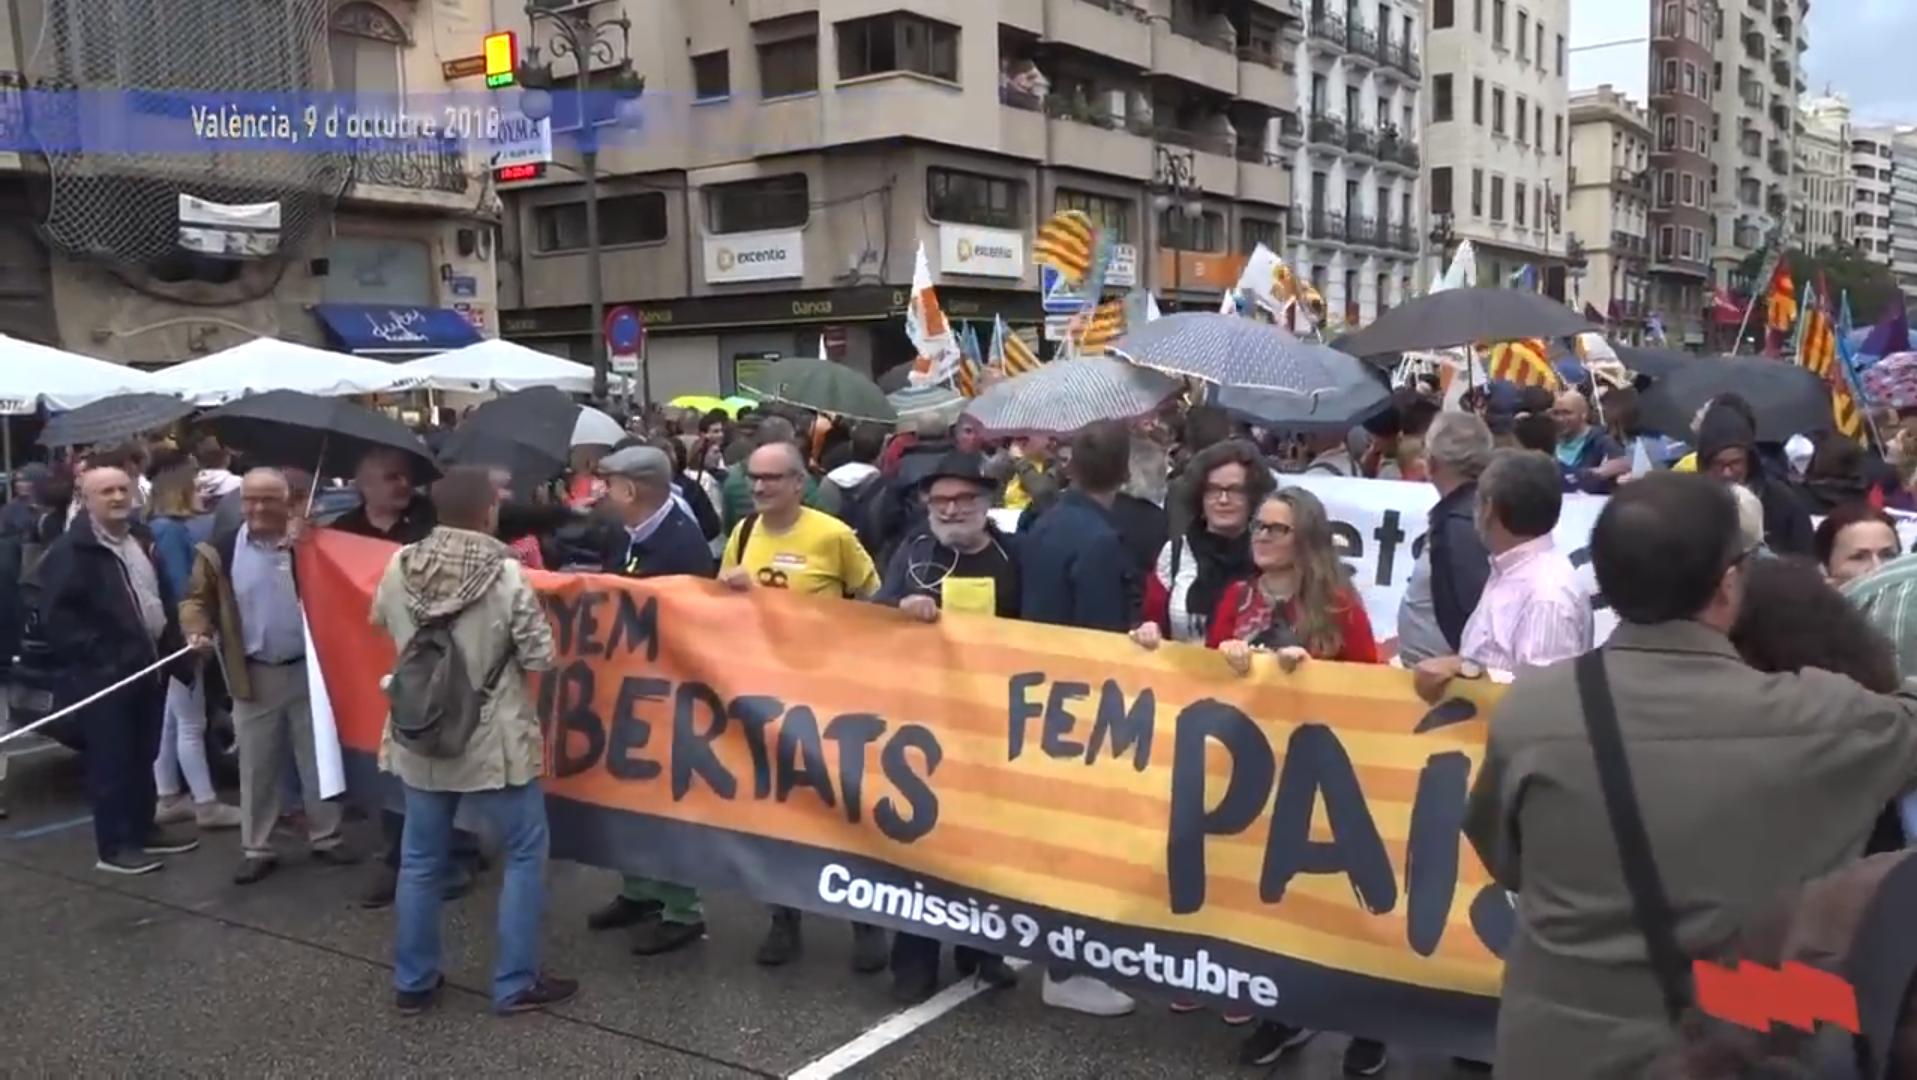 Clam ciutadà contra la por en la manifestació del 9 d'octubre